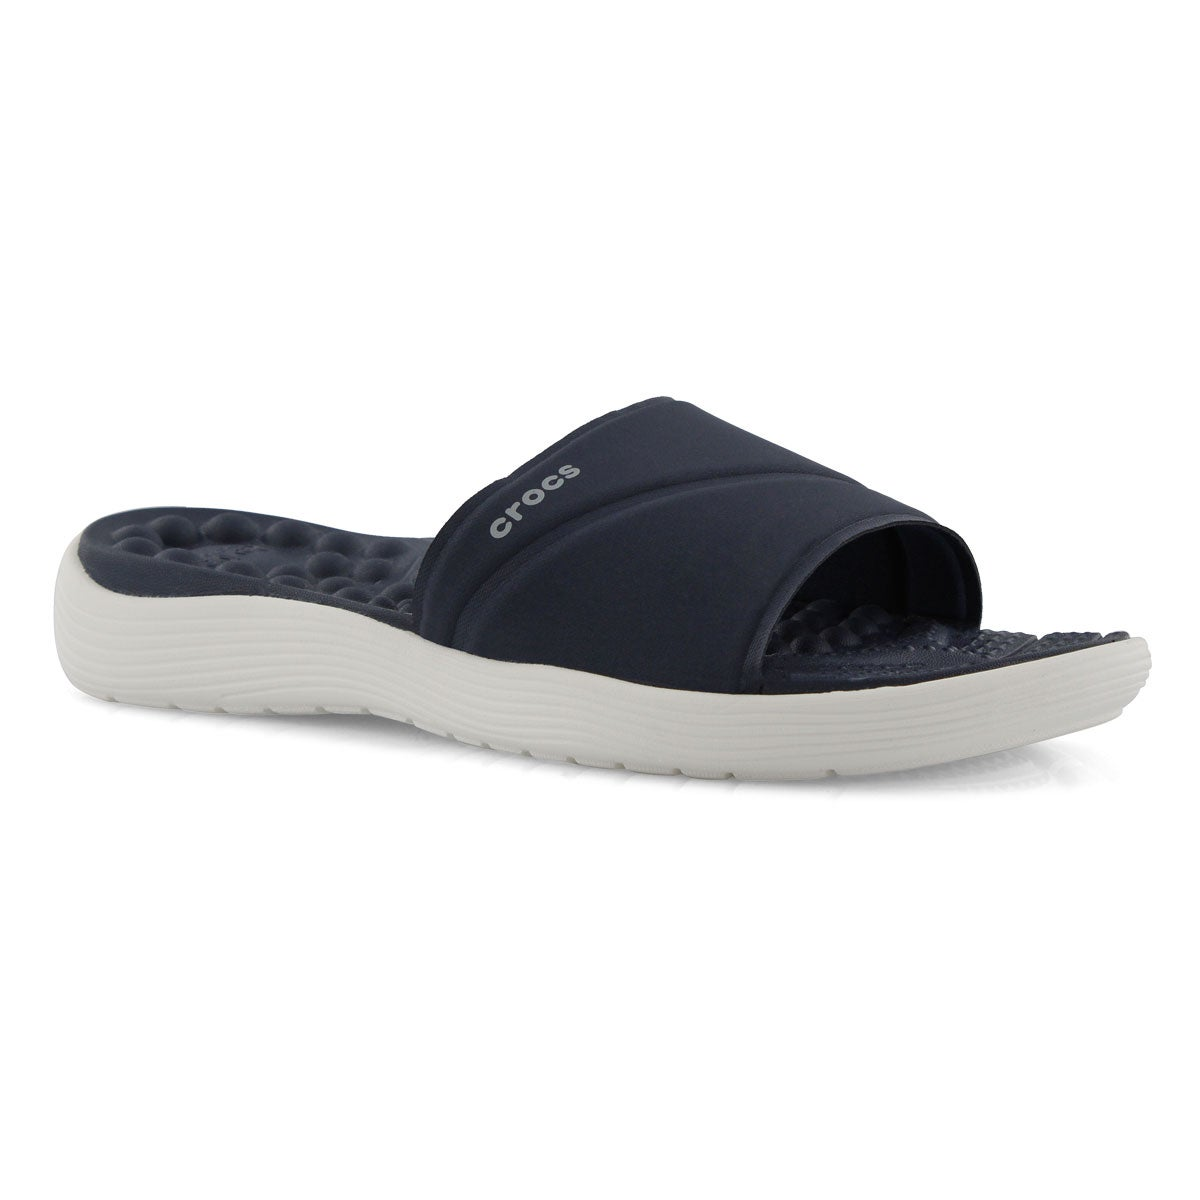 Women's Reviva Slide Sandal - Navy/Whte